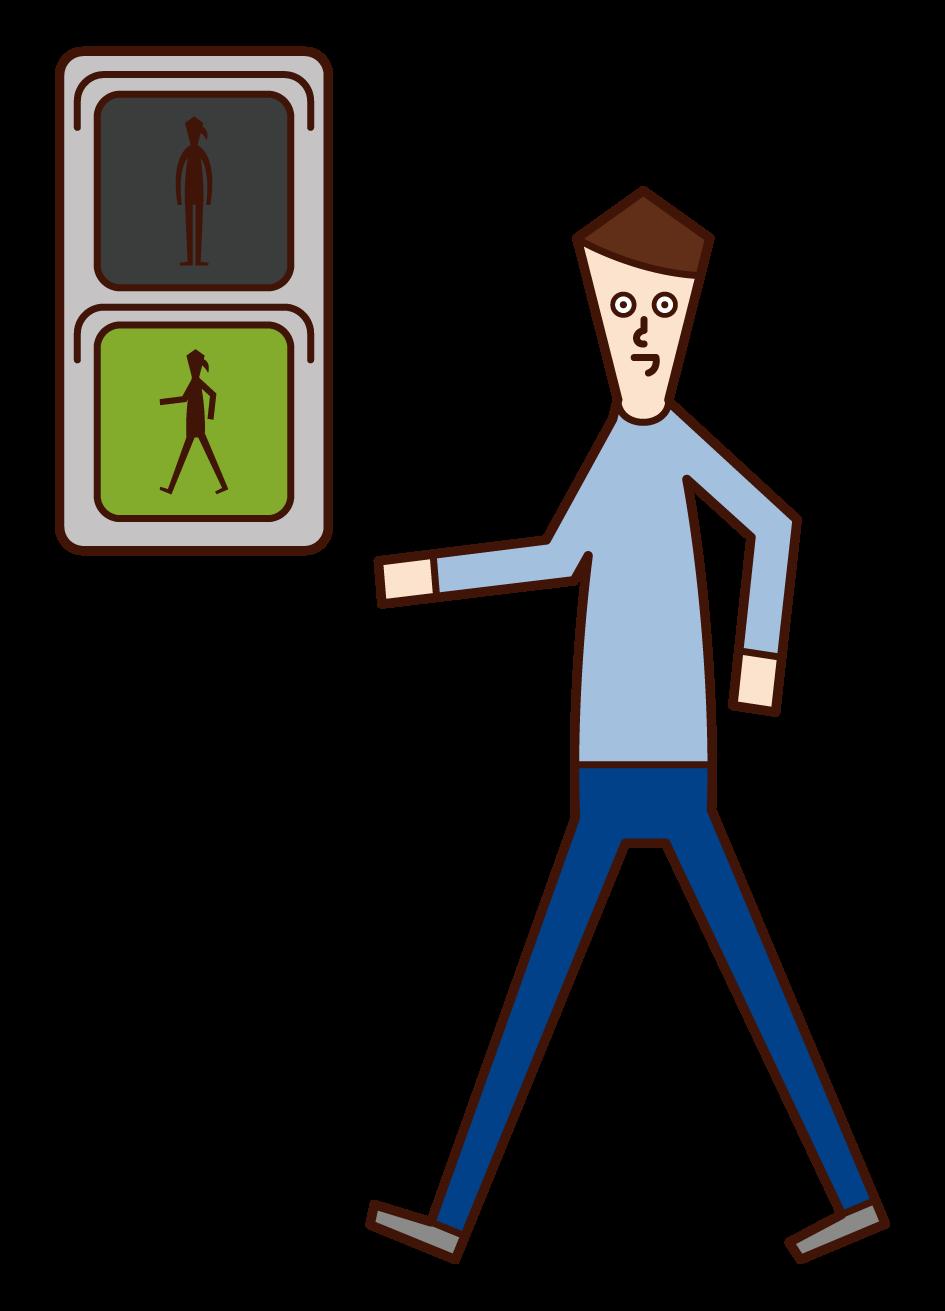 在綠燈前行的人(男性)的插圖